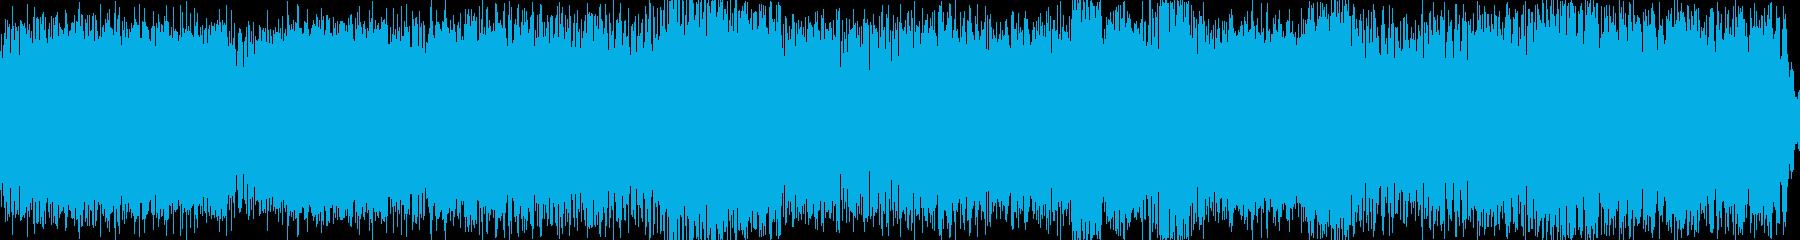 ダークで幻想的なテクノの再生済みの波形